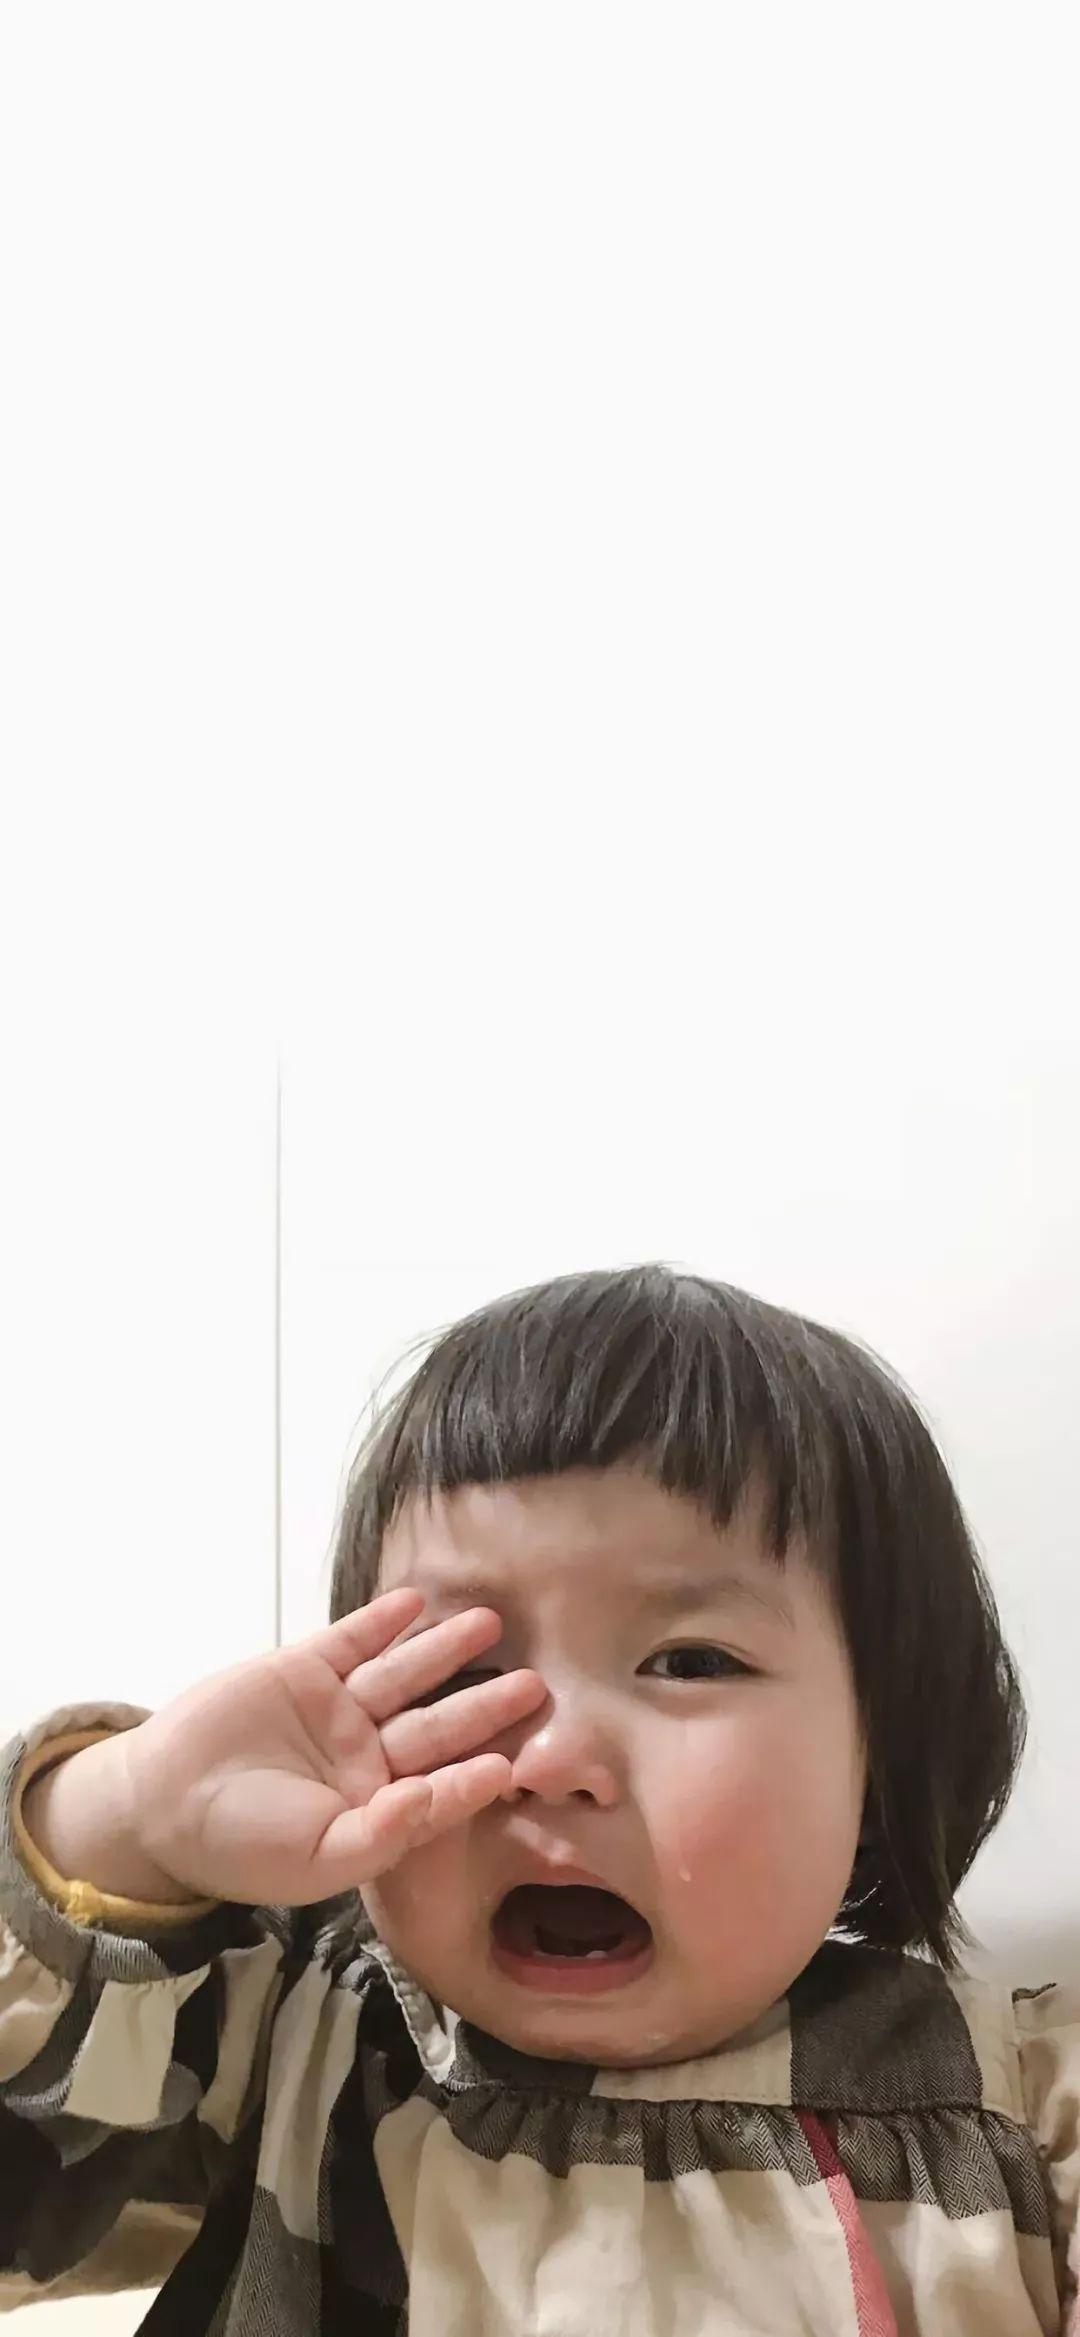 微信图片_20200111215108.jpg